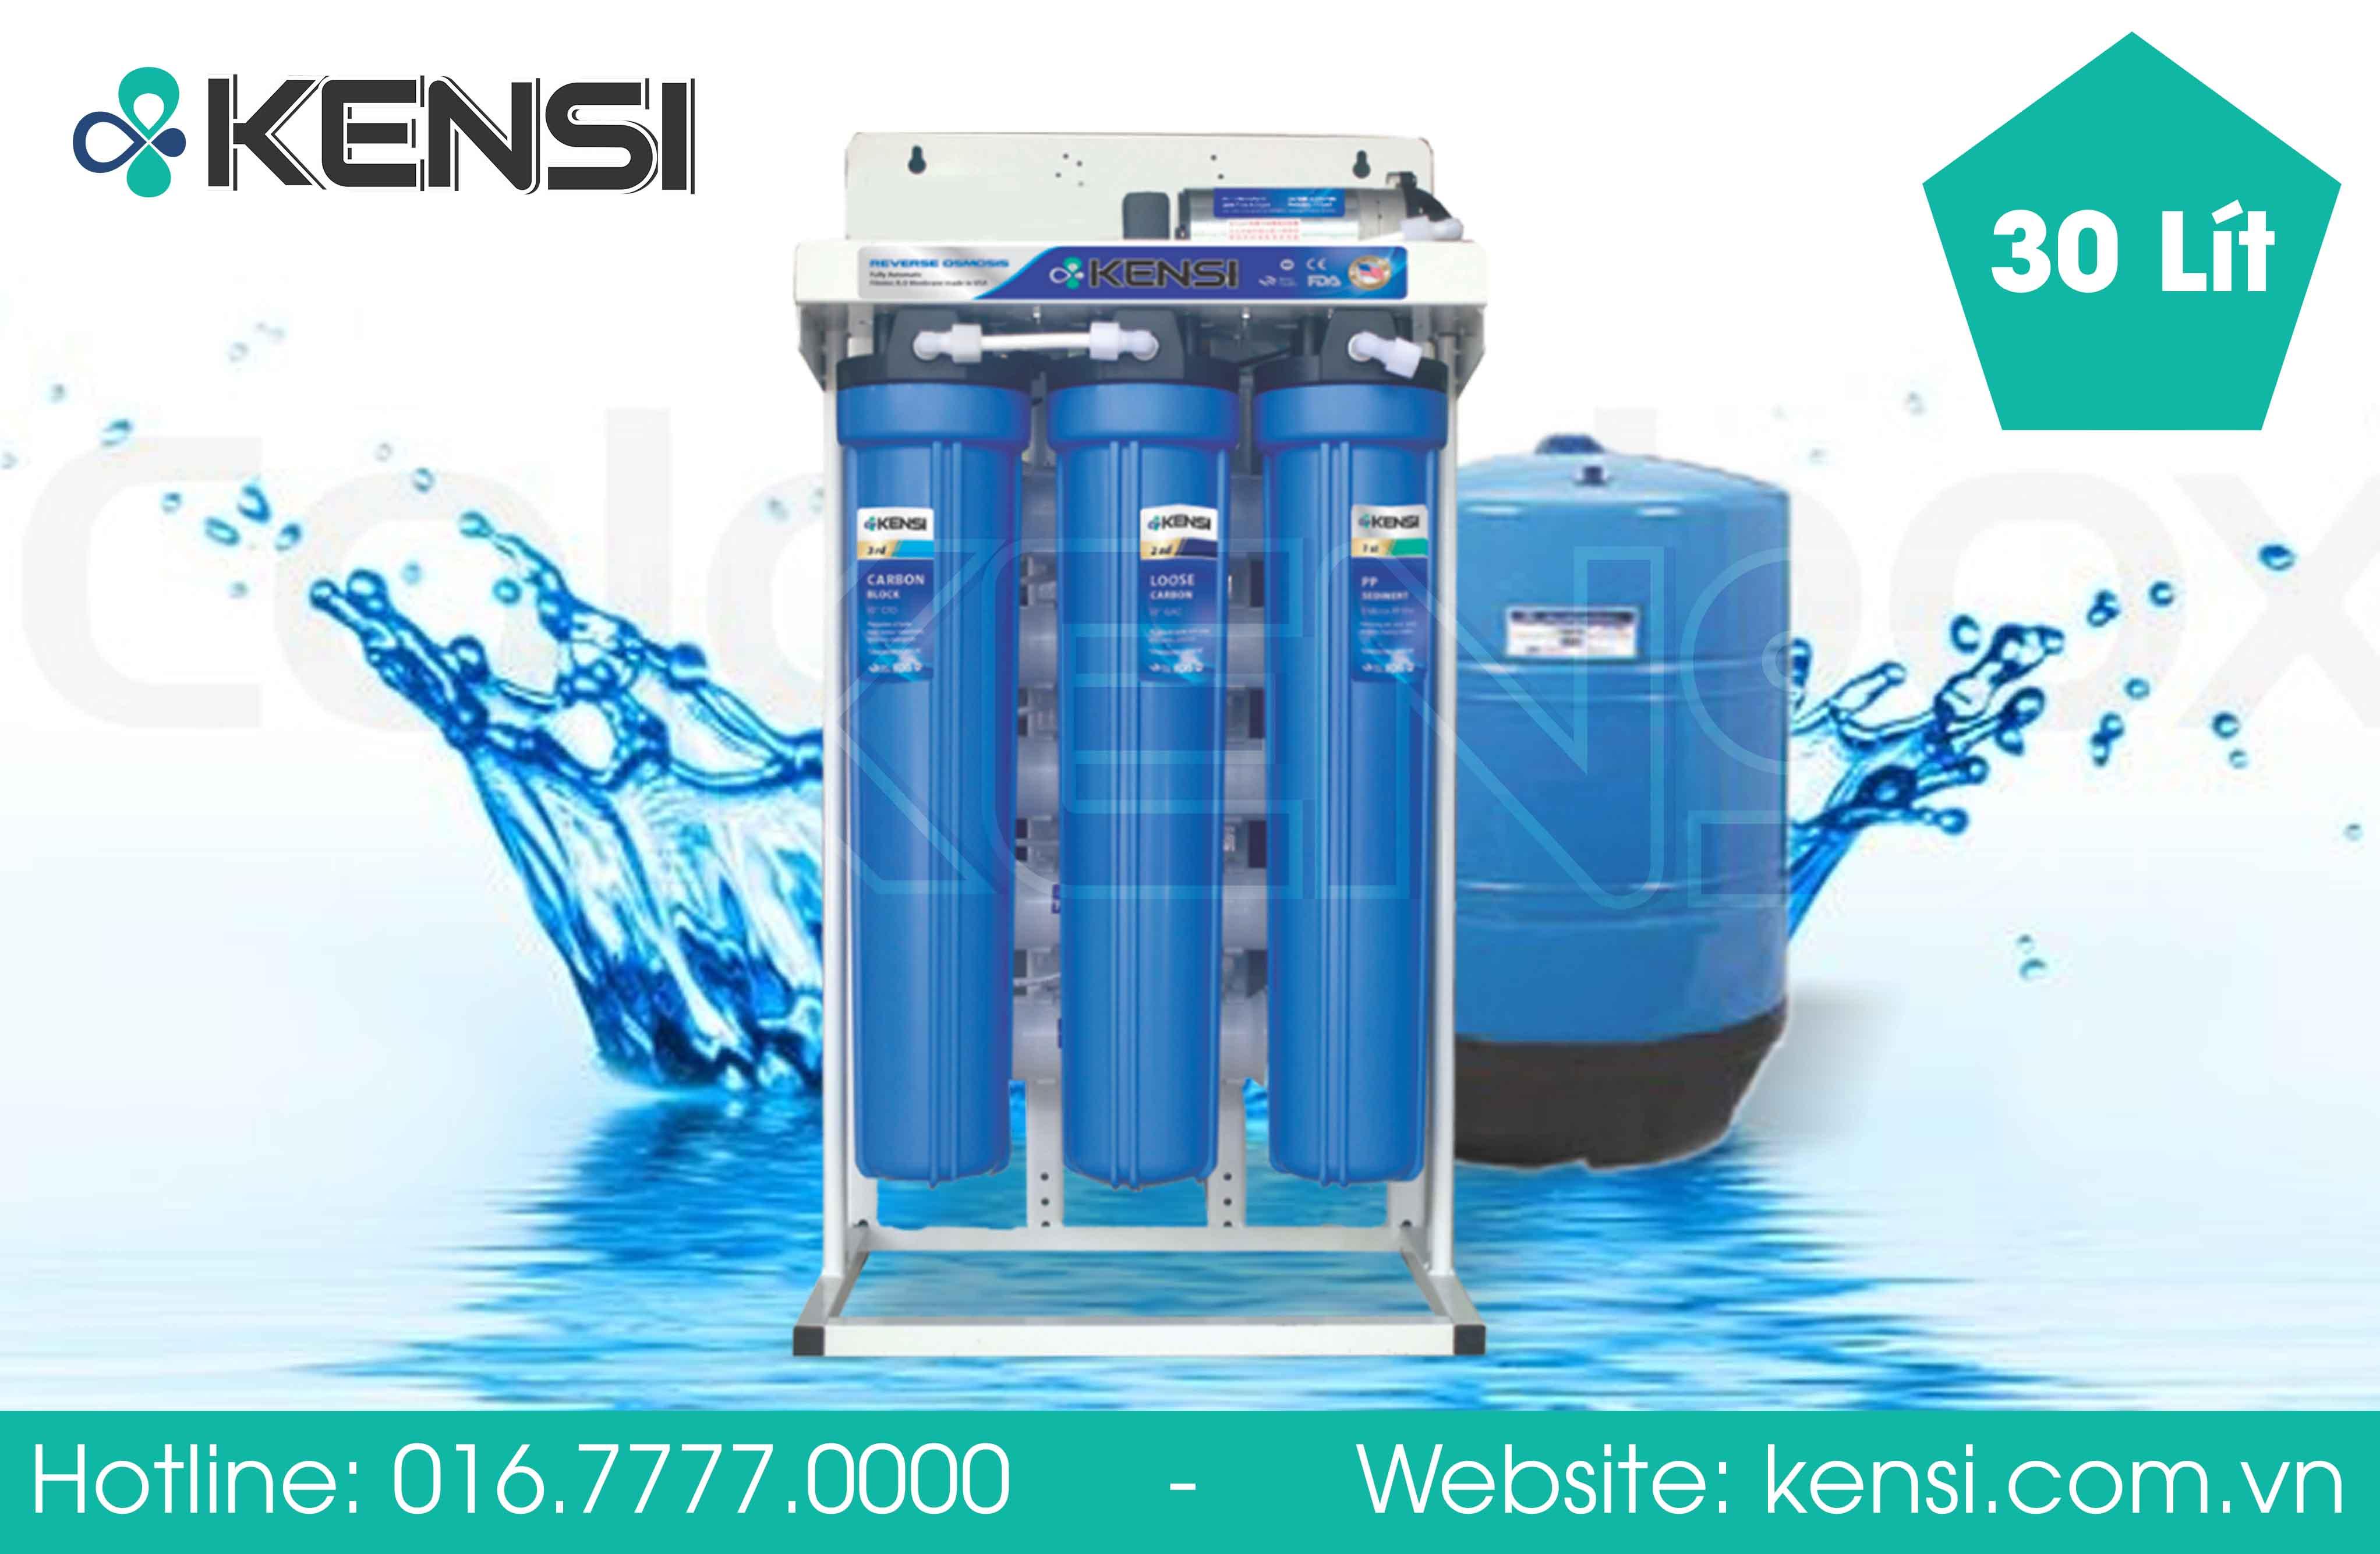 Tại vị trí Đà Nẵng thì lắp đặt thiết bị lọc nước công nghiệp của cửa hàng nào uy tín nhất?